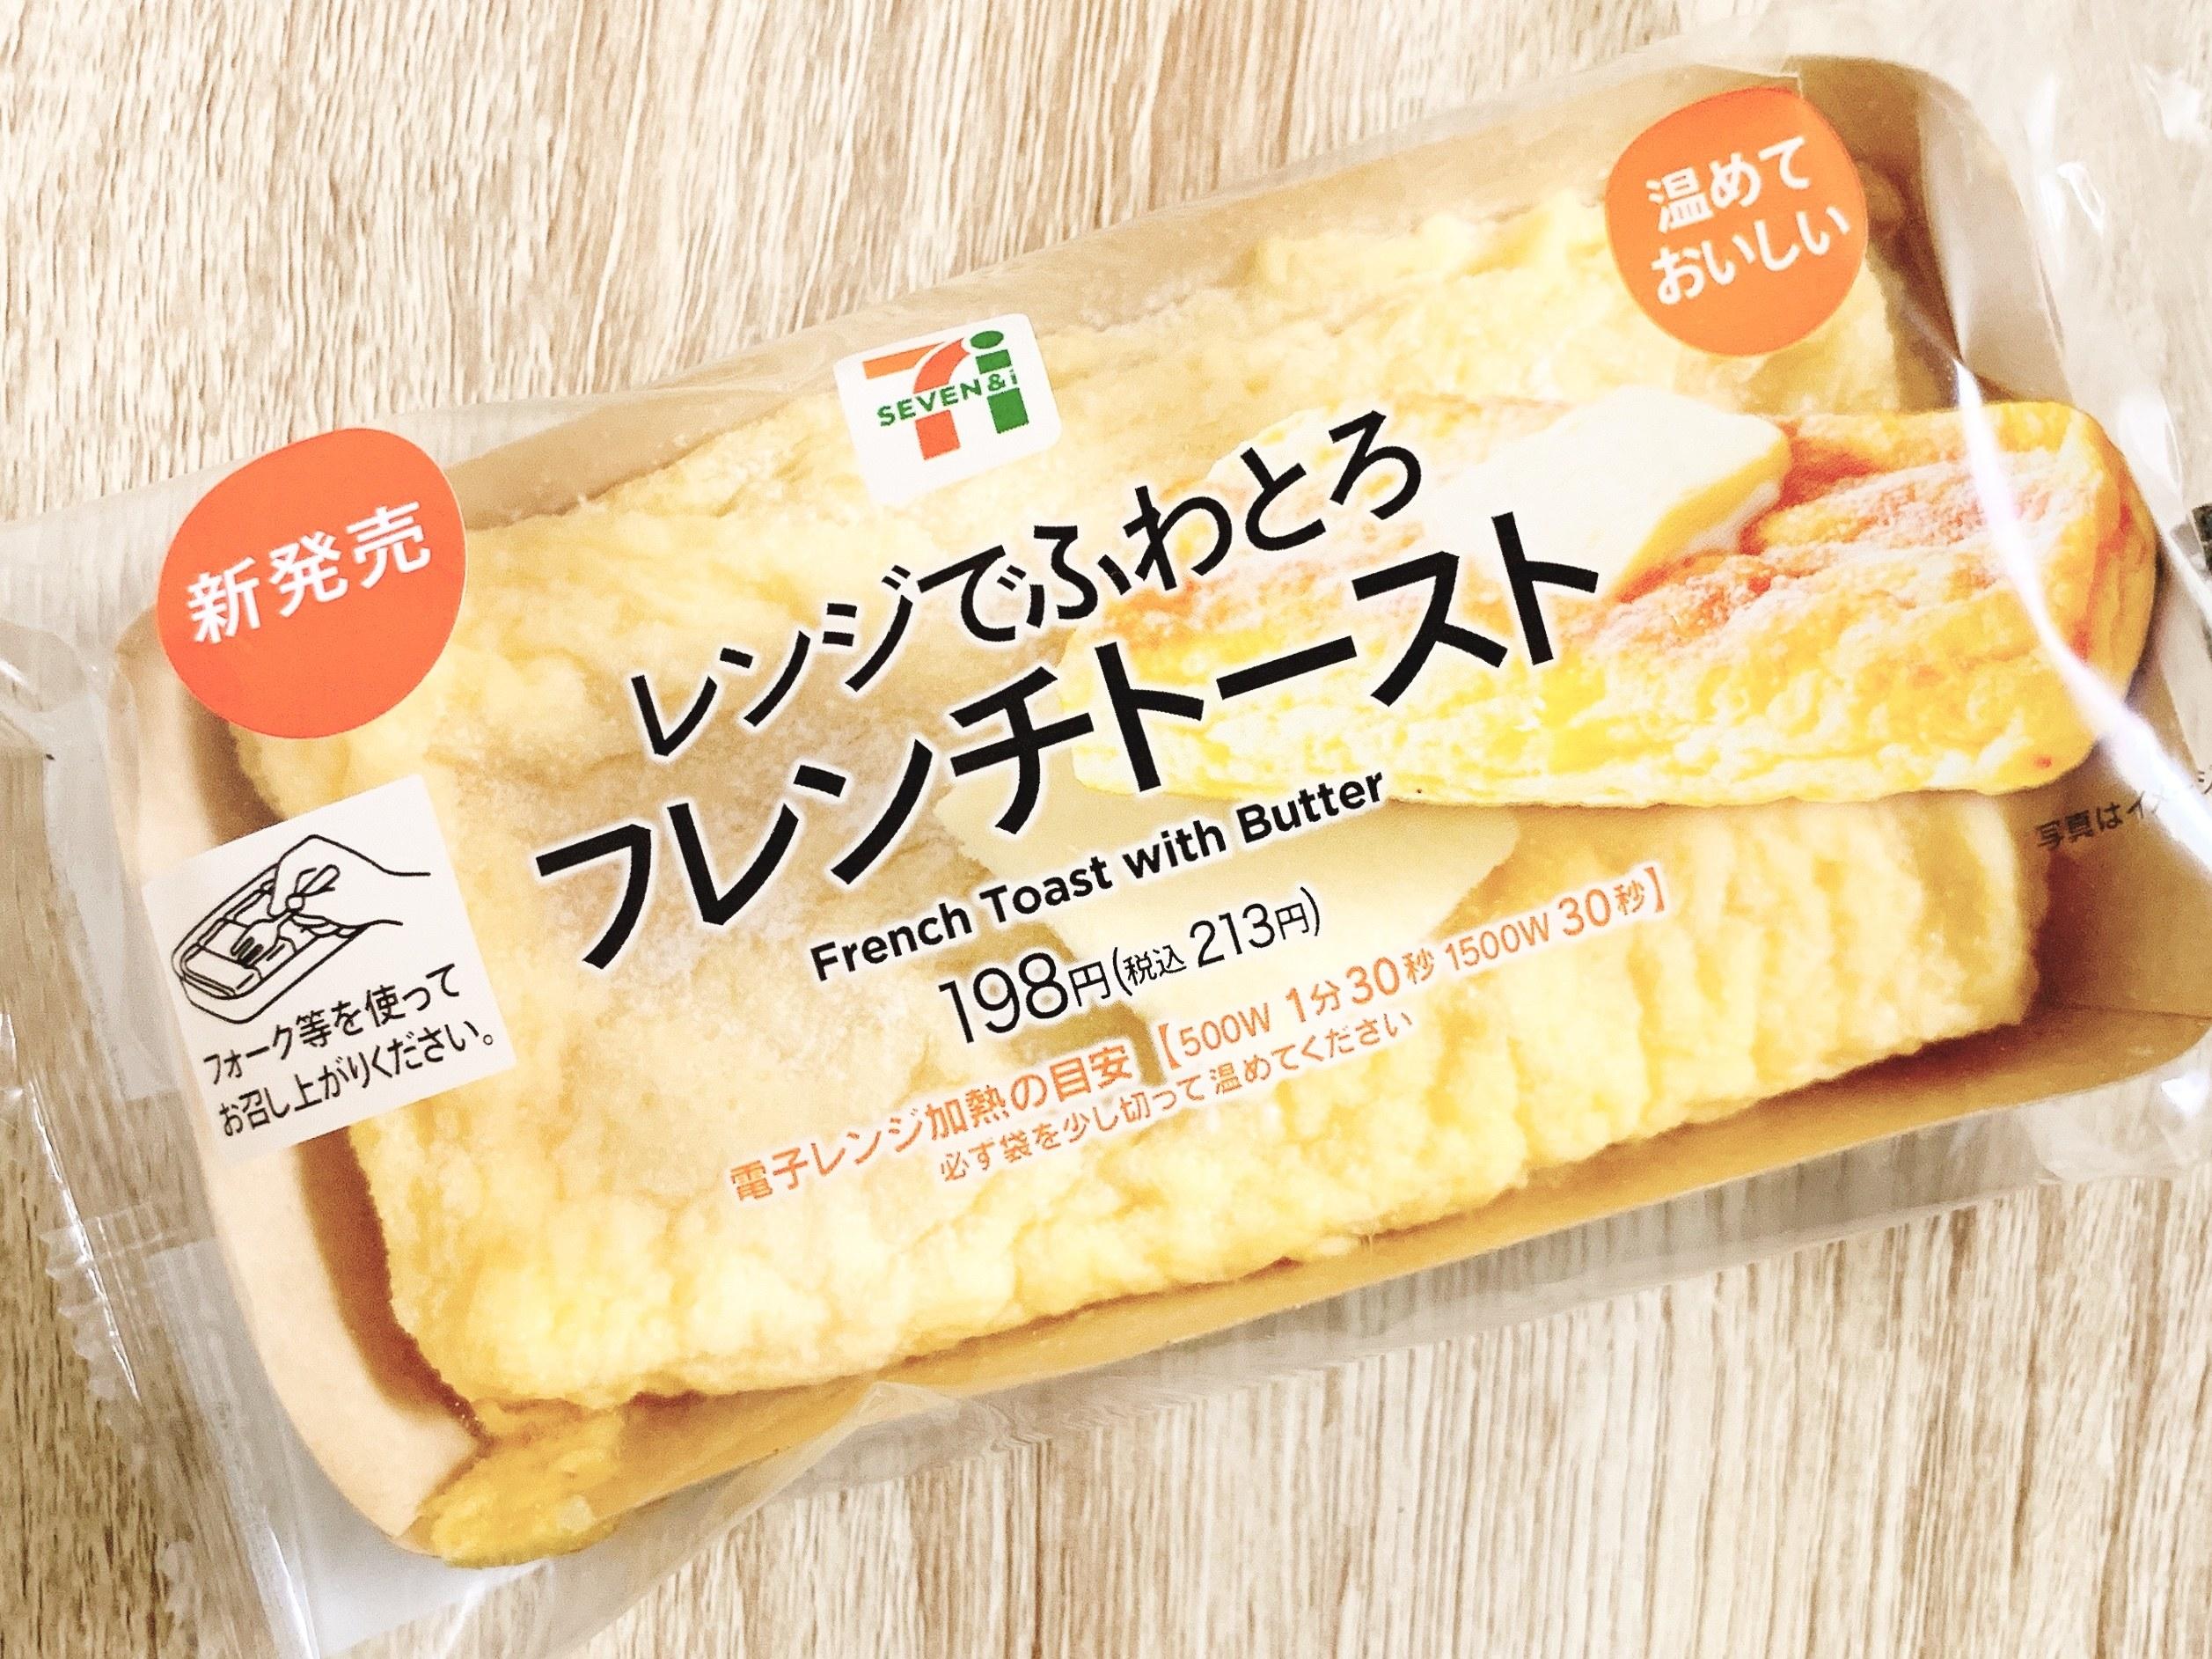 レンジ フレンチトースト